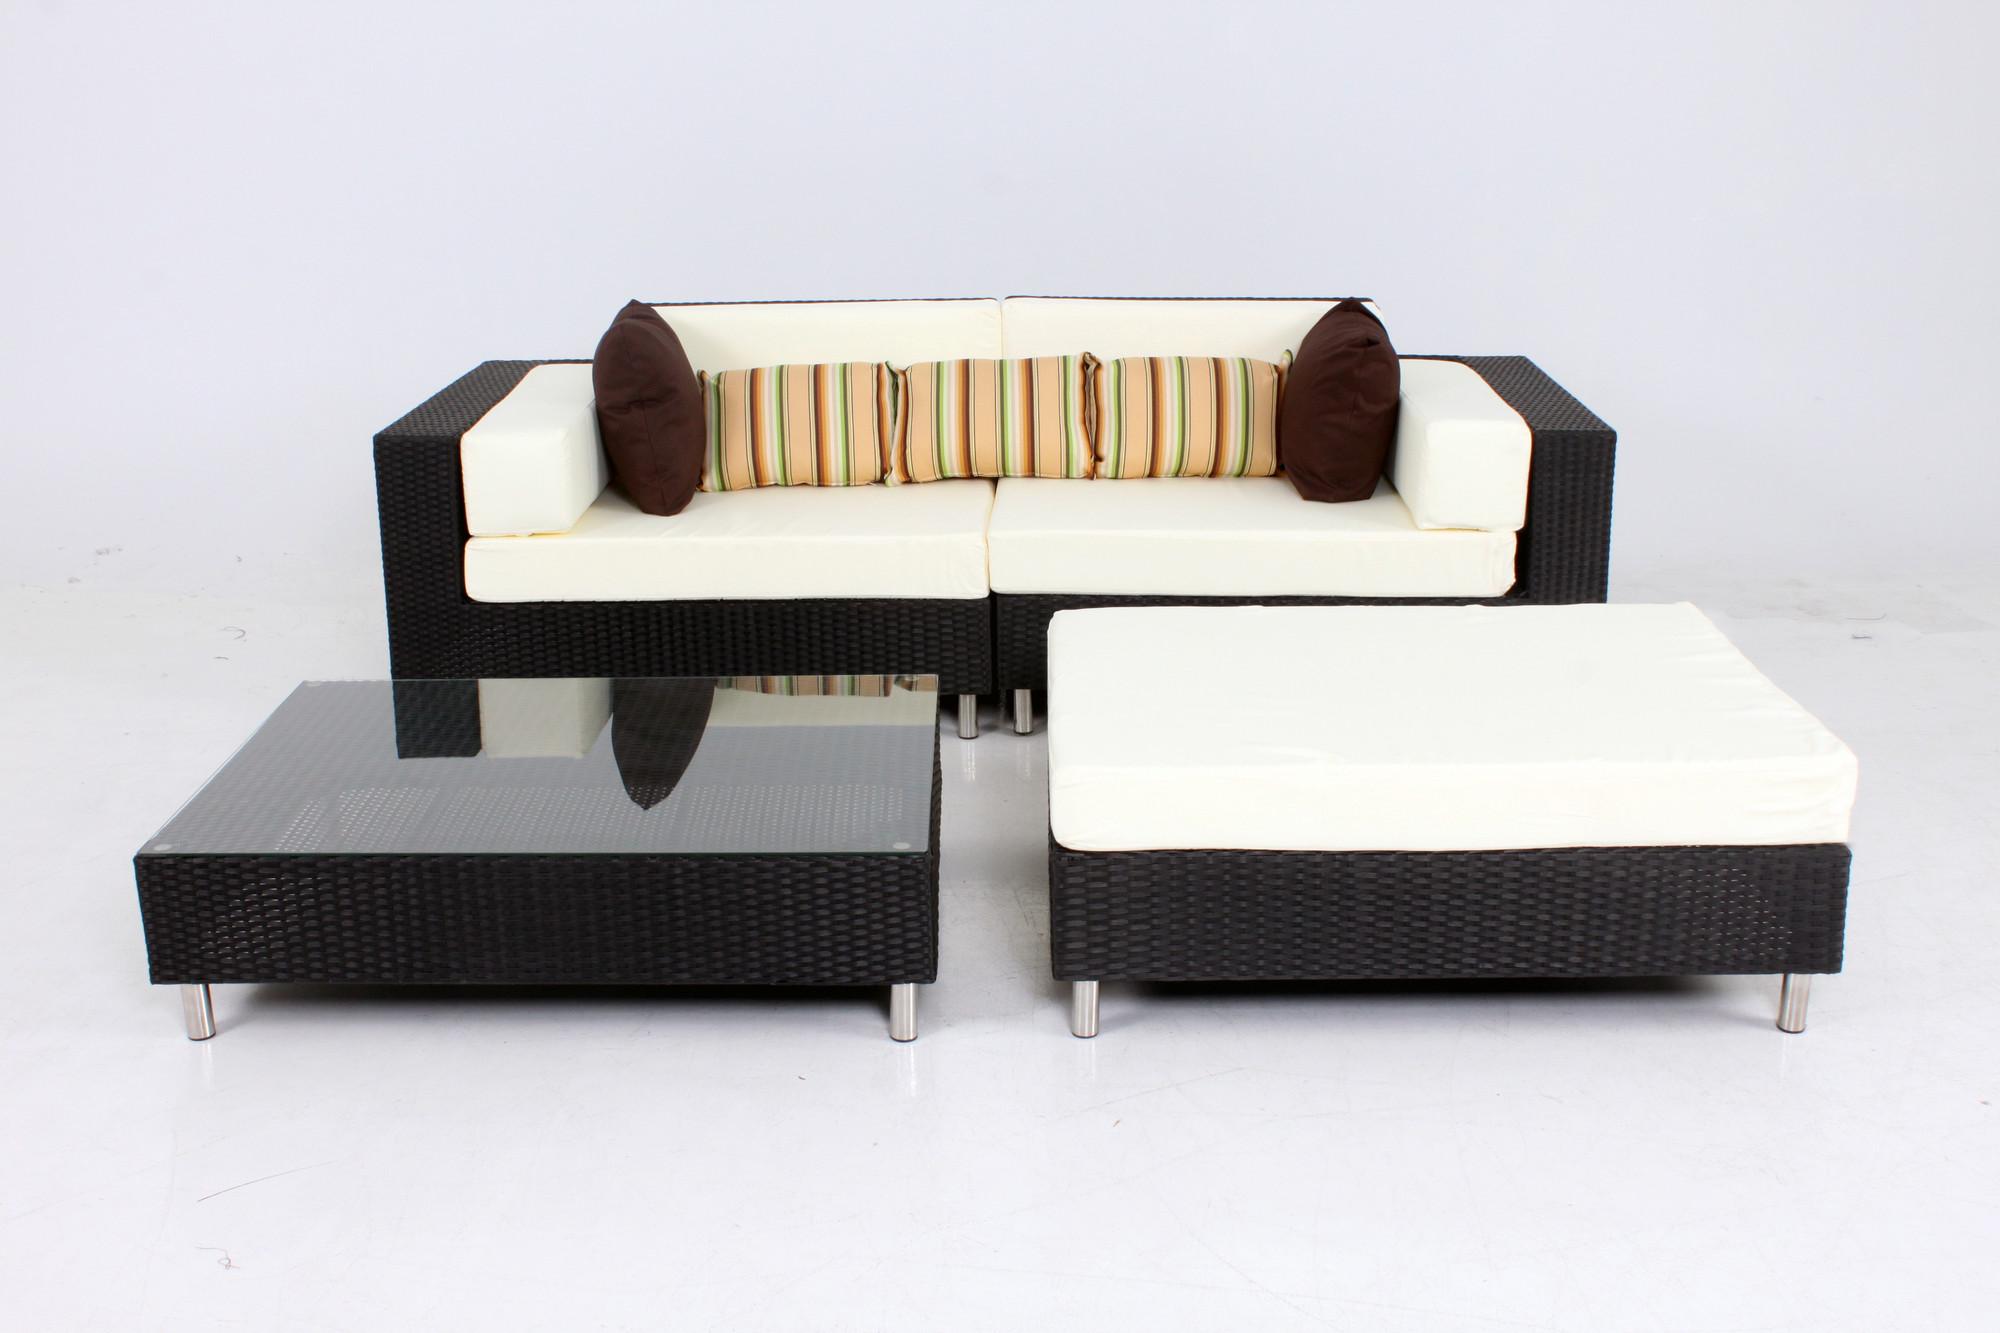 4 Piece Outdoor Modular Sofa Set